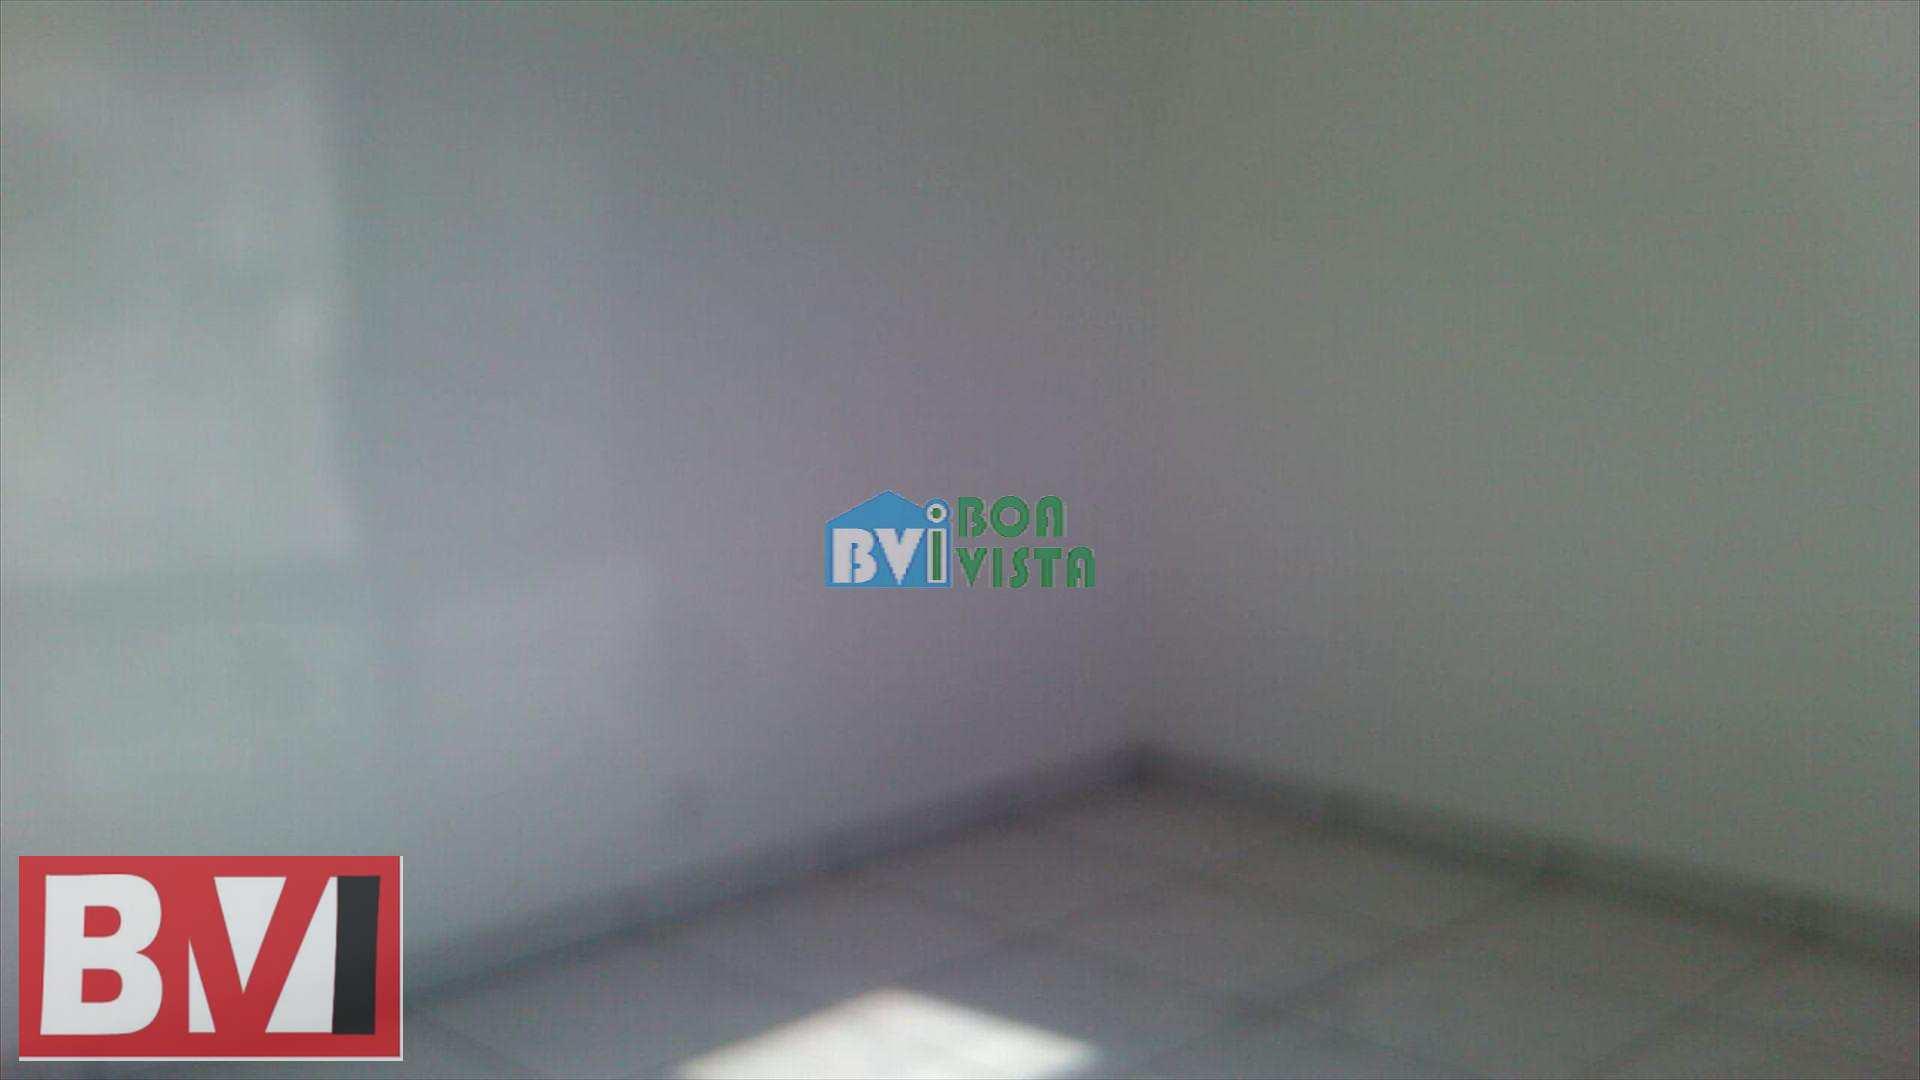 41500-619D6490_1563_4CD3_A976_F9BF3276000D.jpg